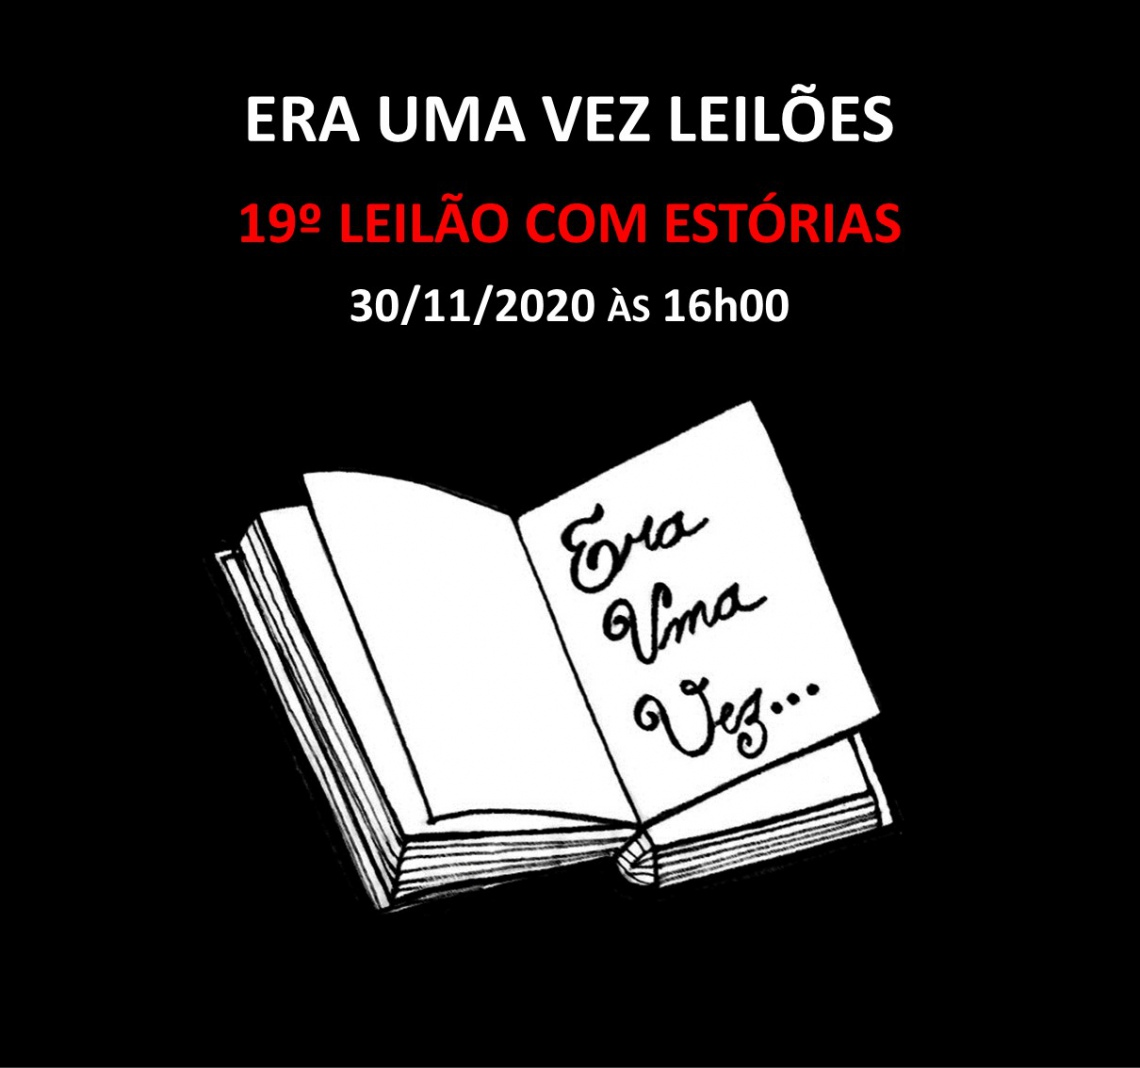 19º LEILÃO COM ESTÓRIAS - 30/11/2020 às 16h00